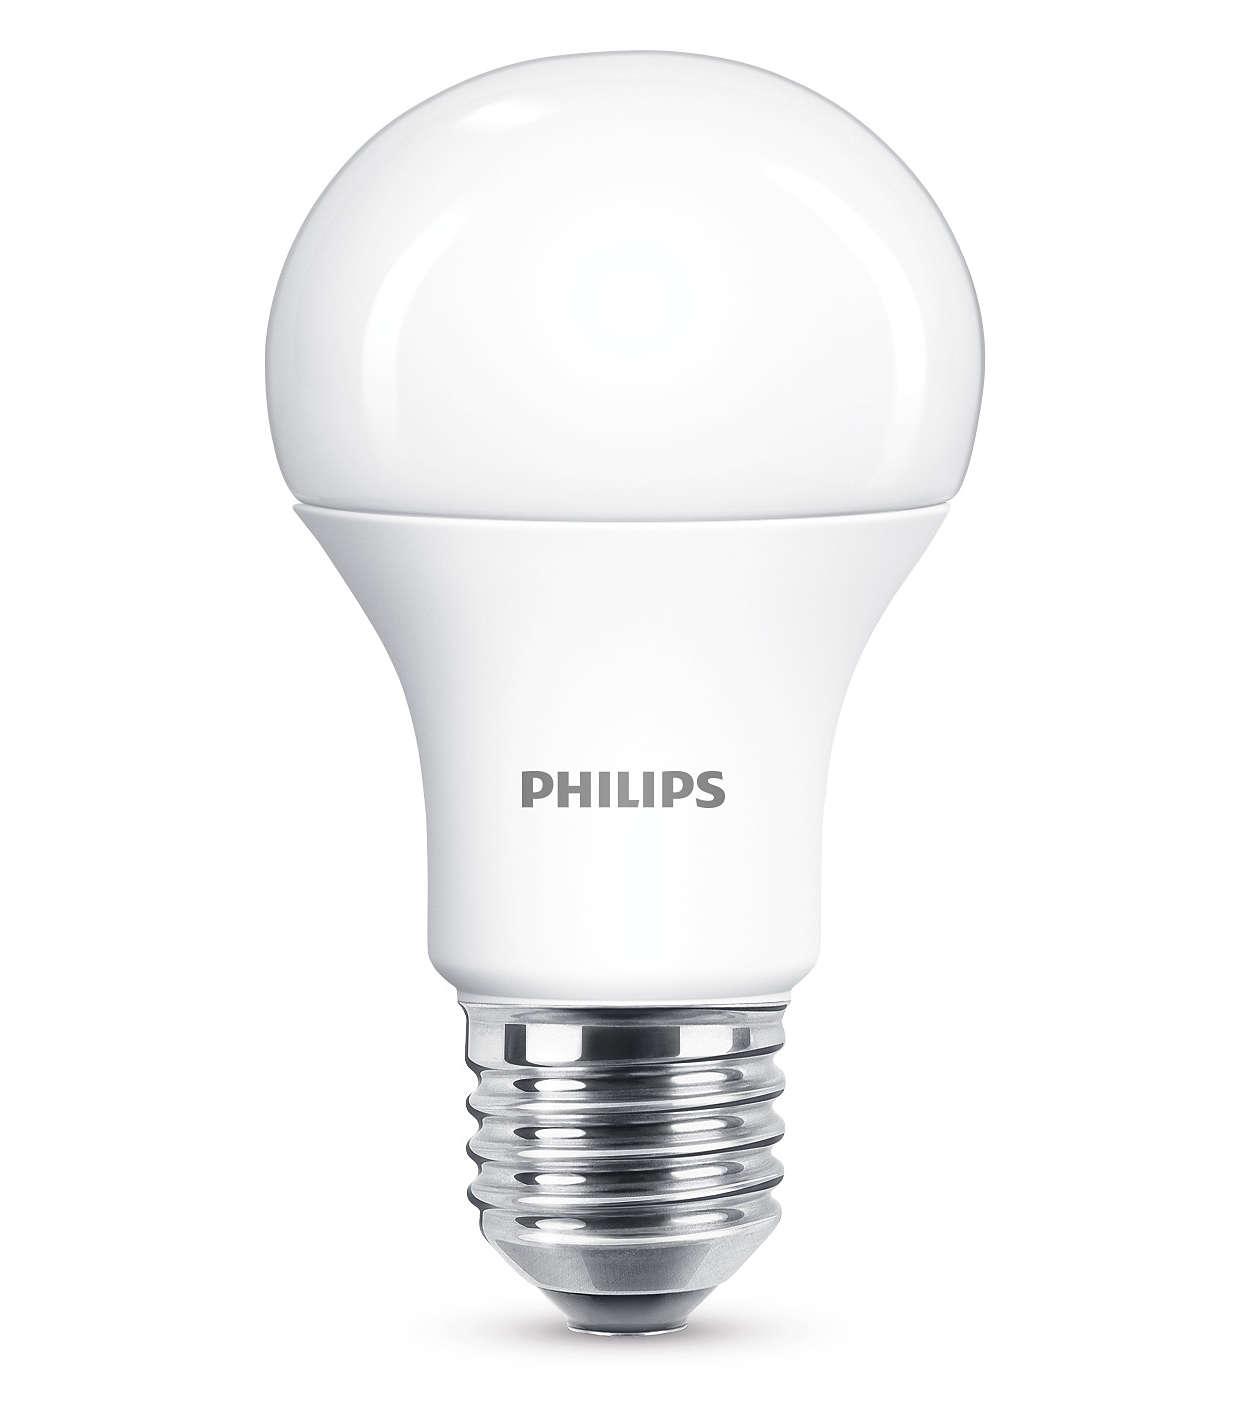 led lampe 8718696577219 philips. Black Bedroom Furniture Sets. Home Design Ideas